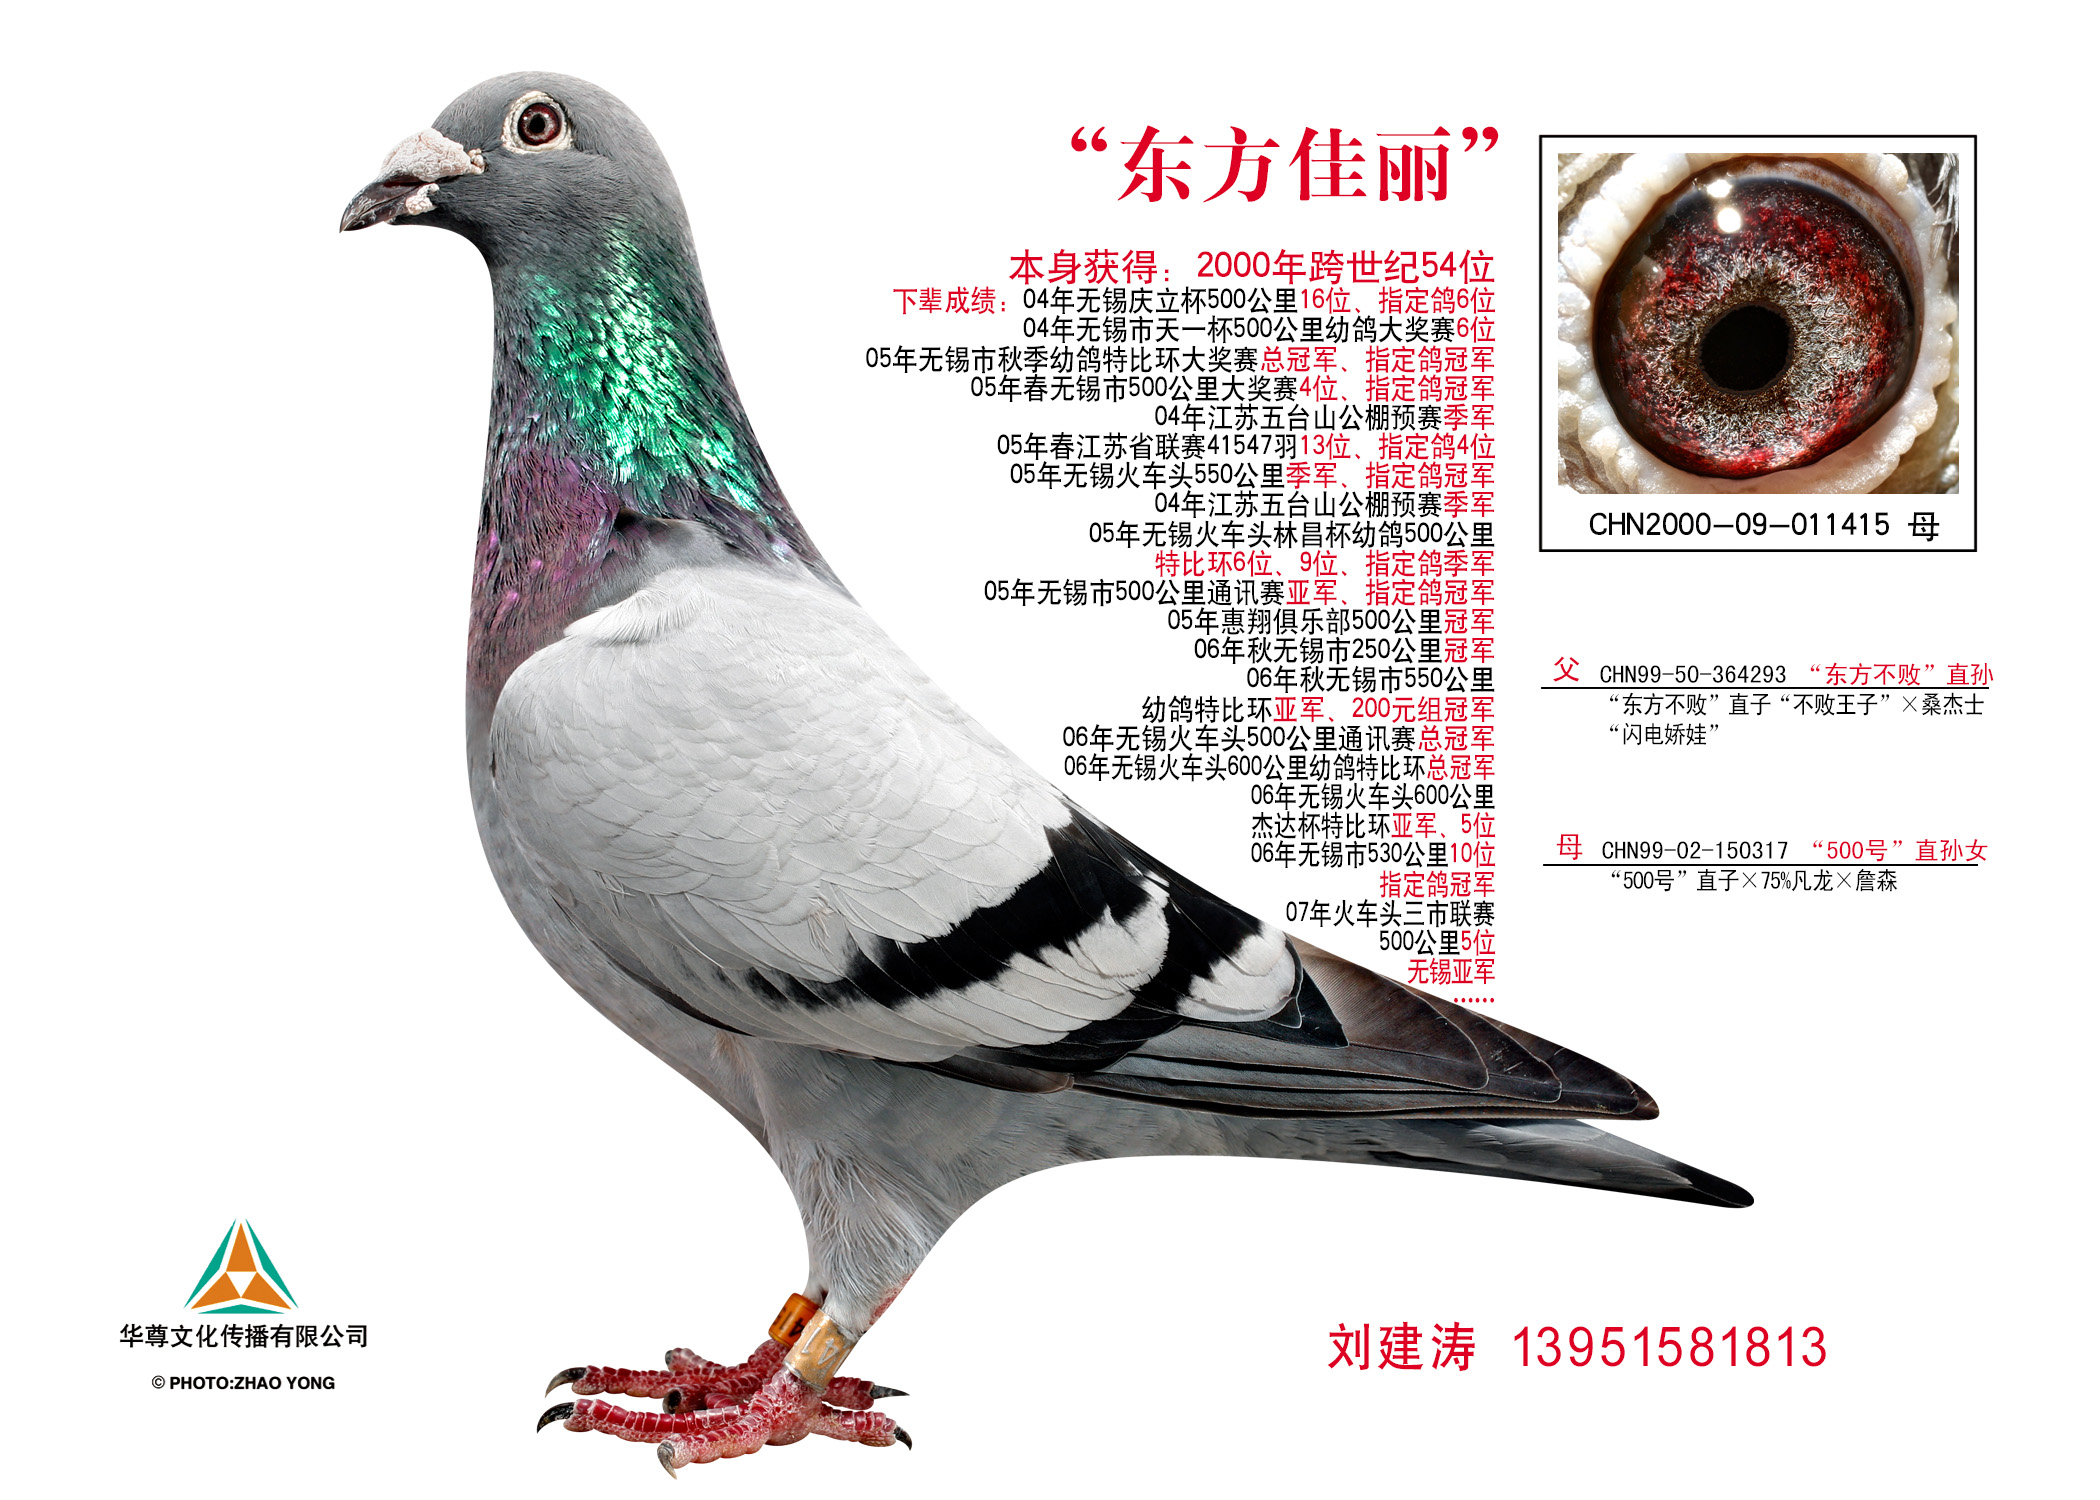 基础种鸽 东方佳丽